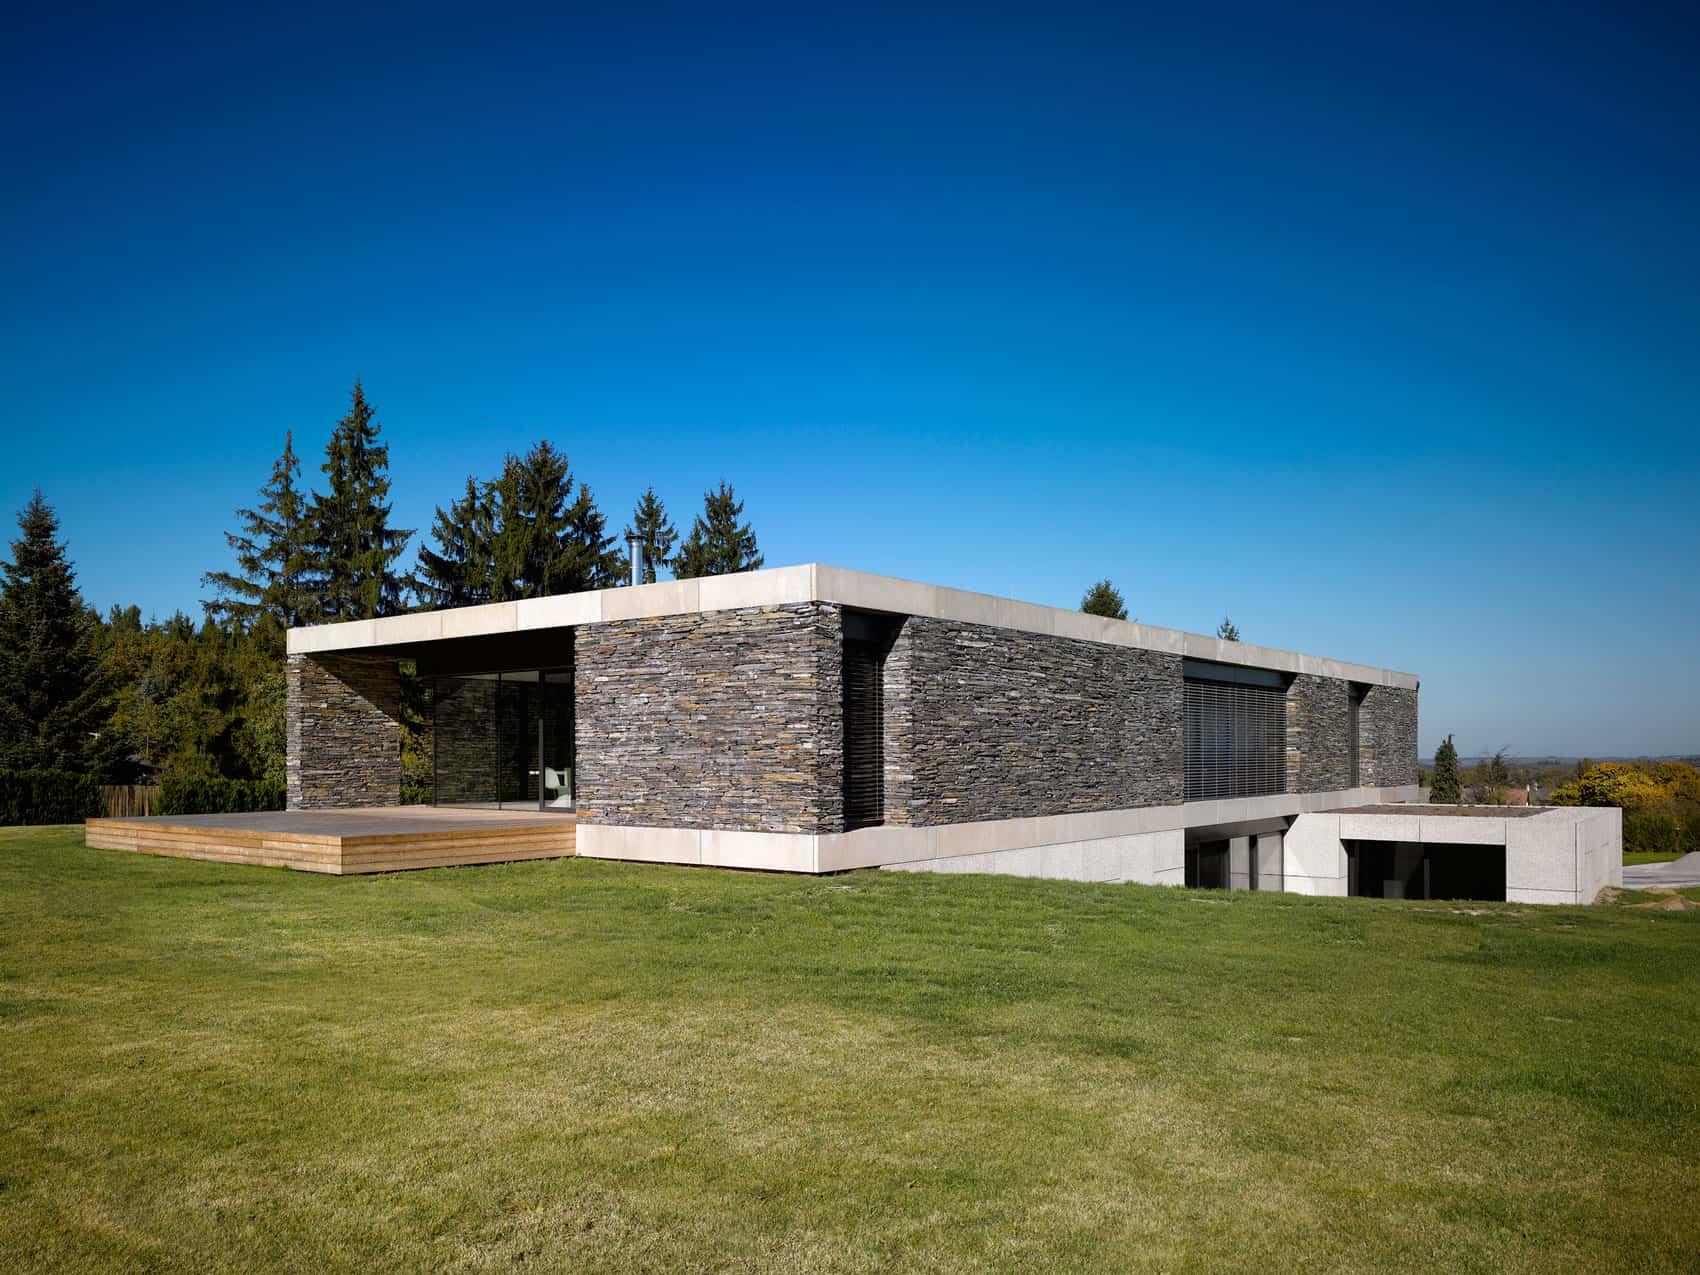 Villa Ritka by studio pha (3)